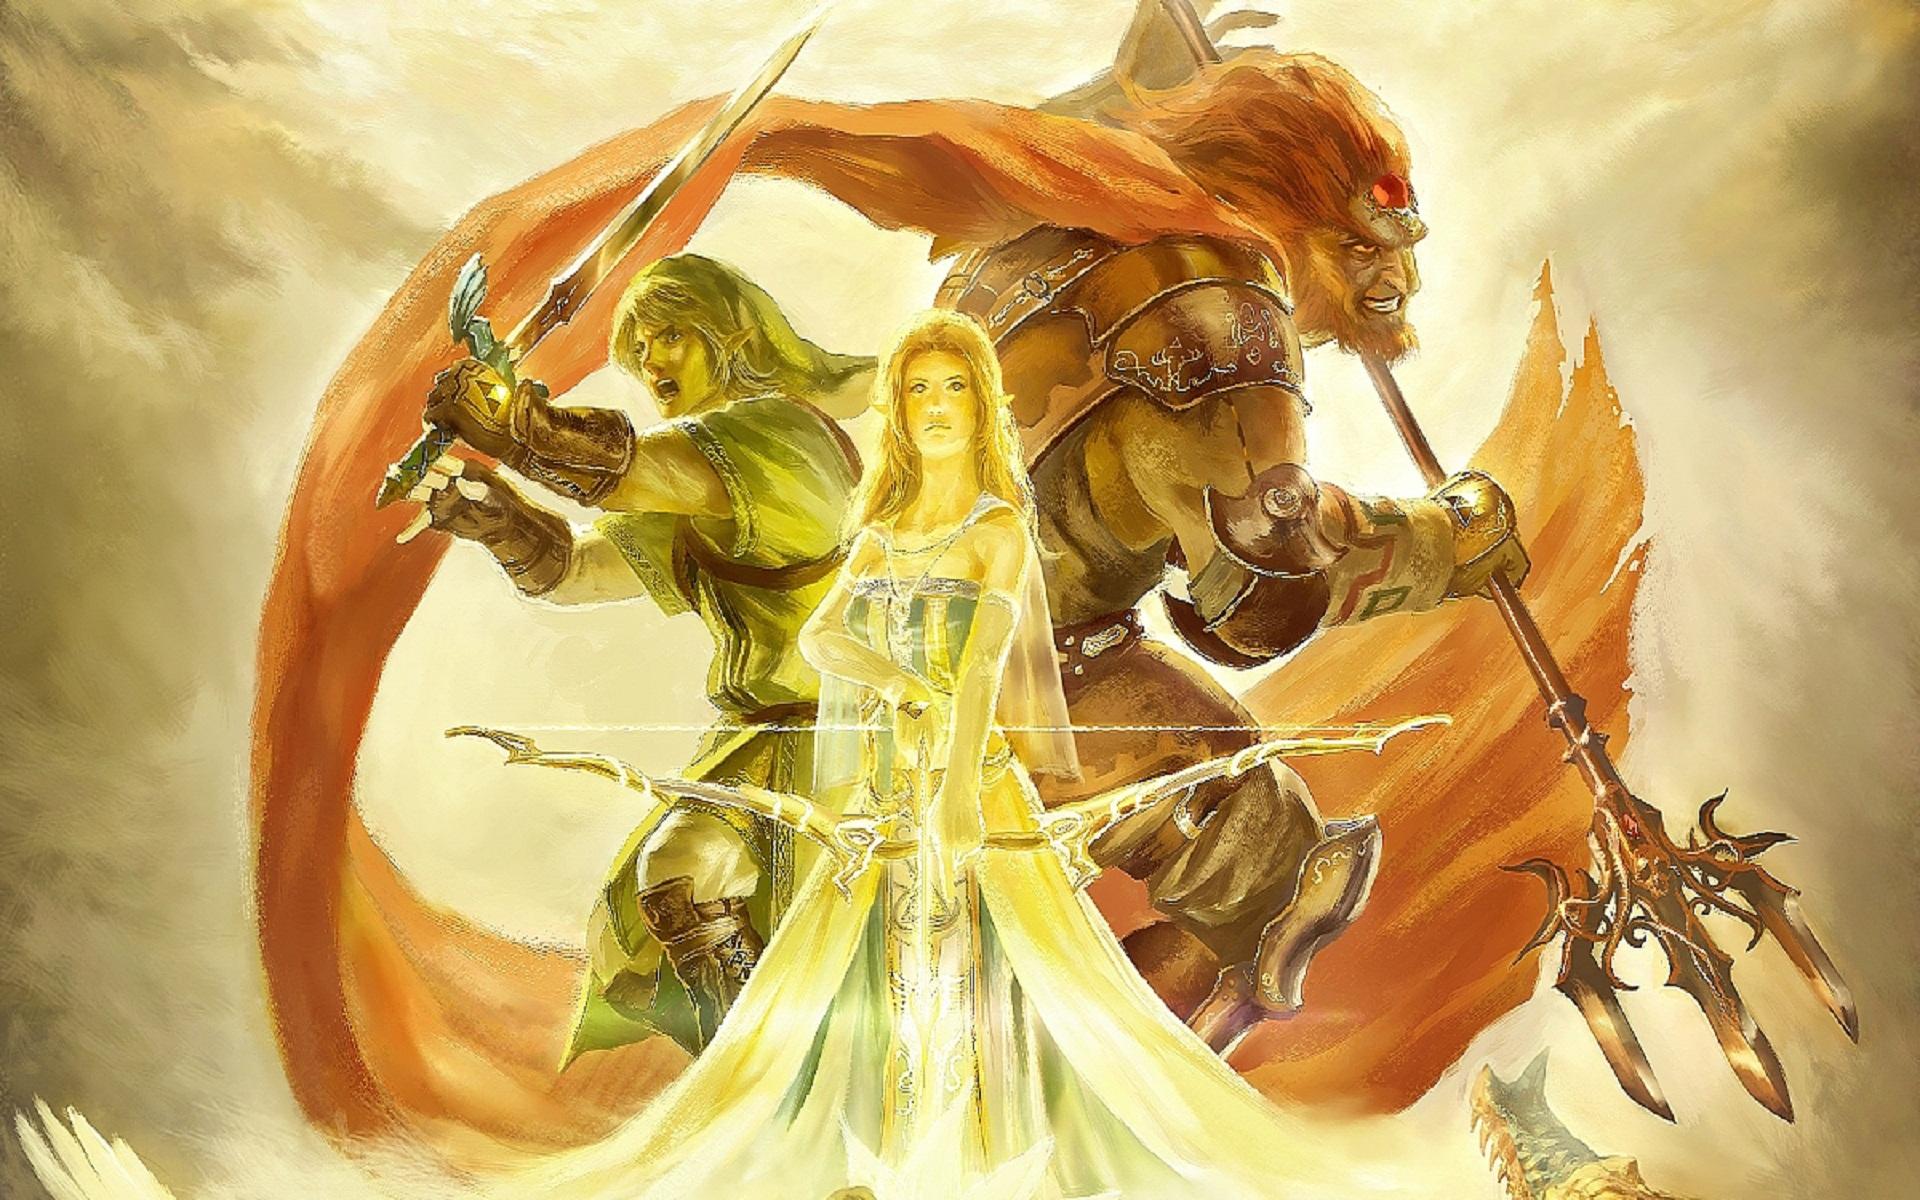 Lingua Mortis Orchestra - The Devil's Bride